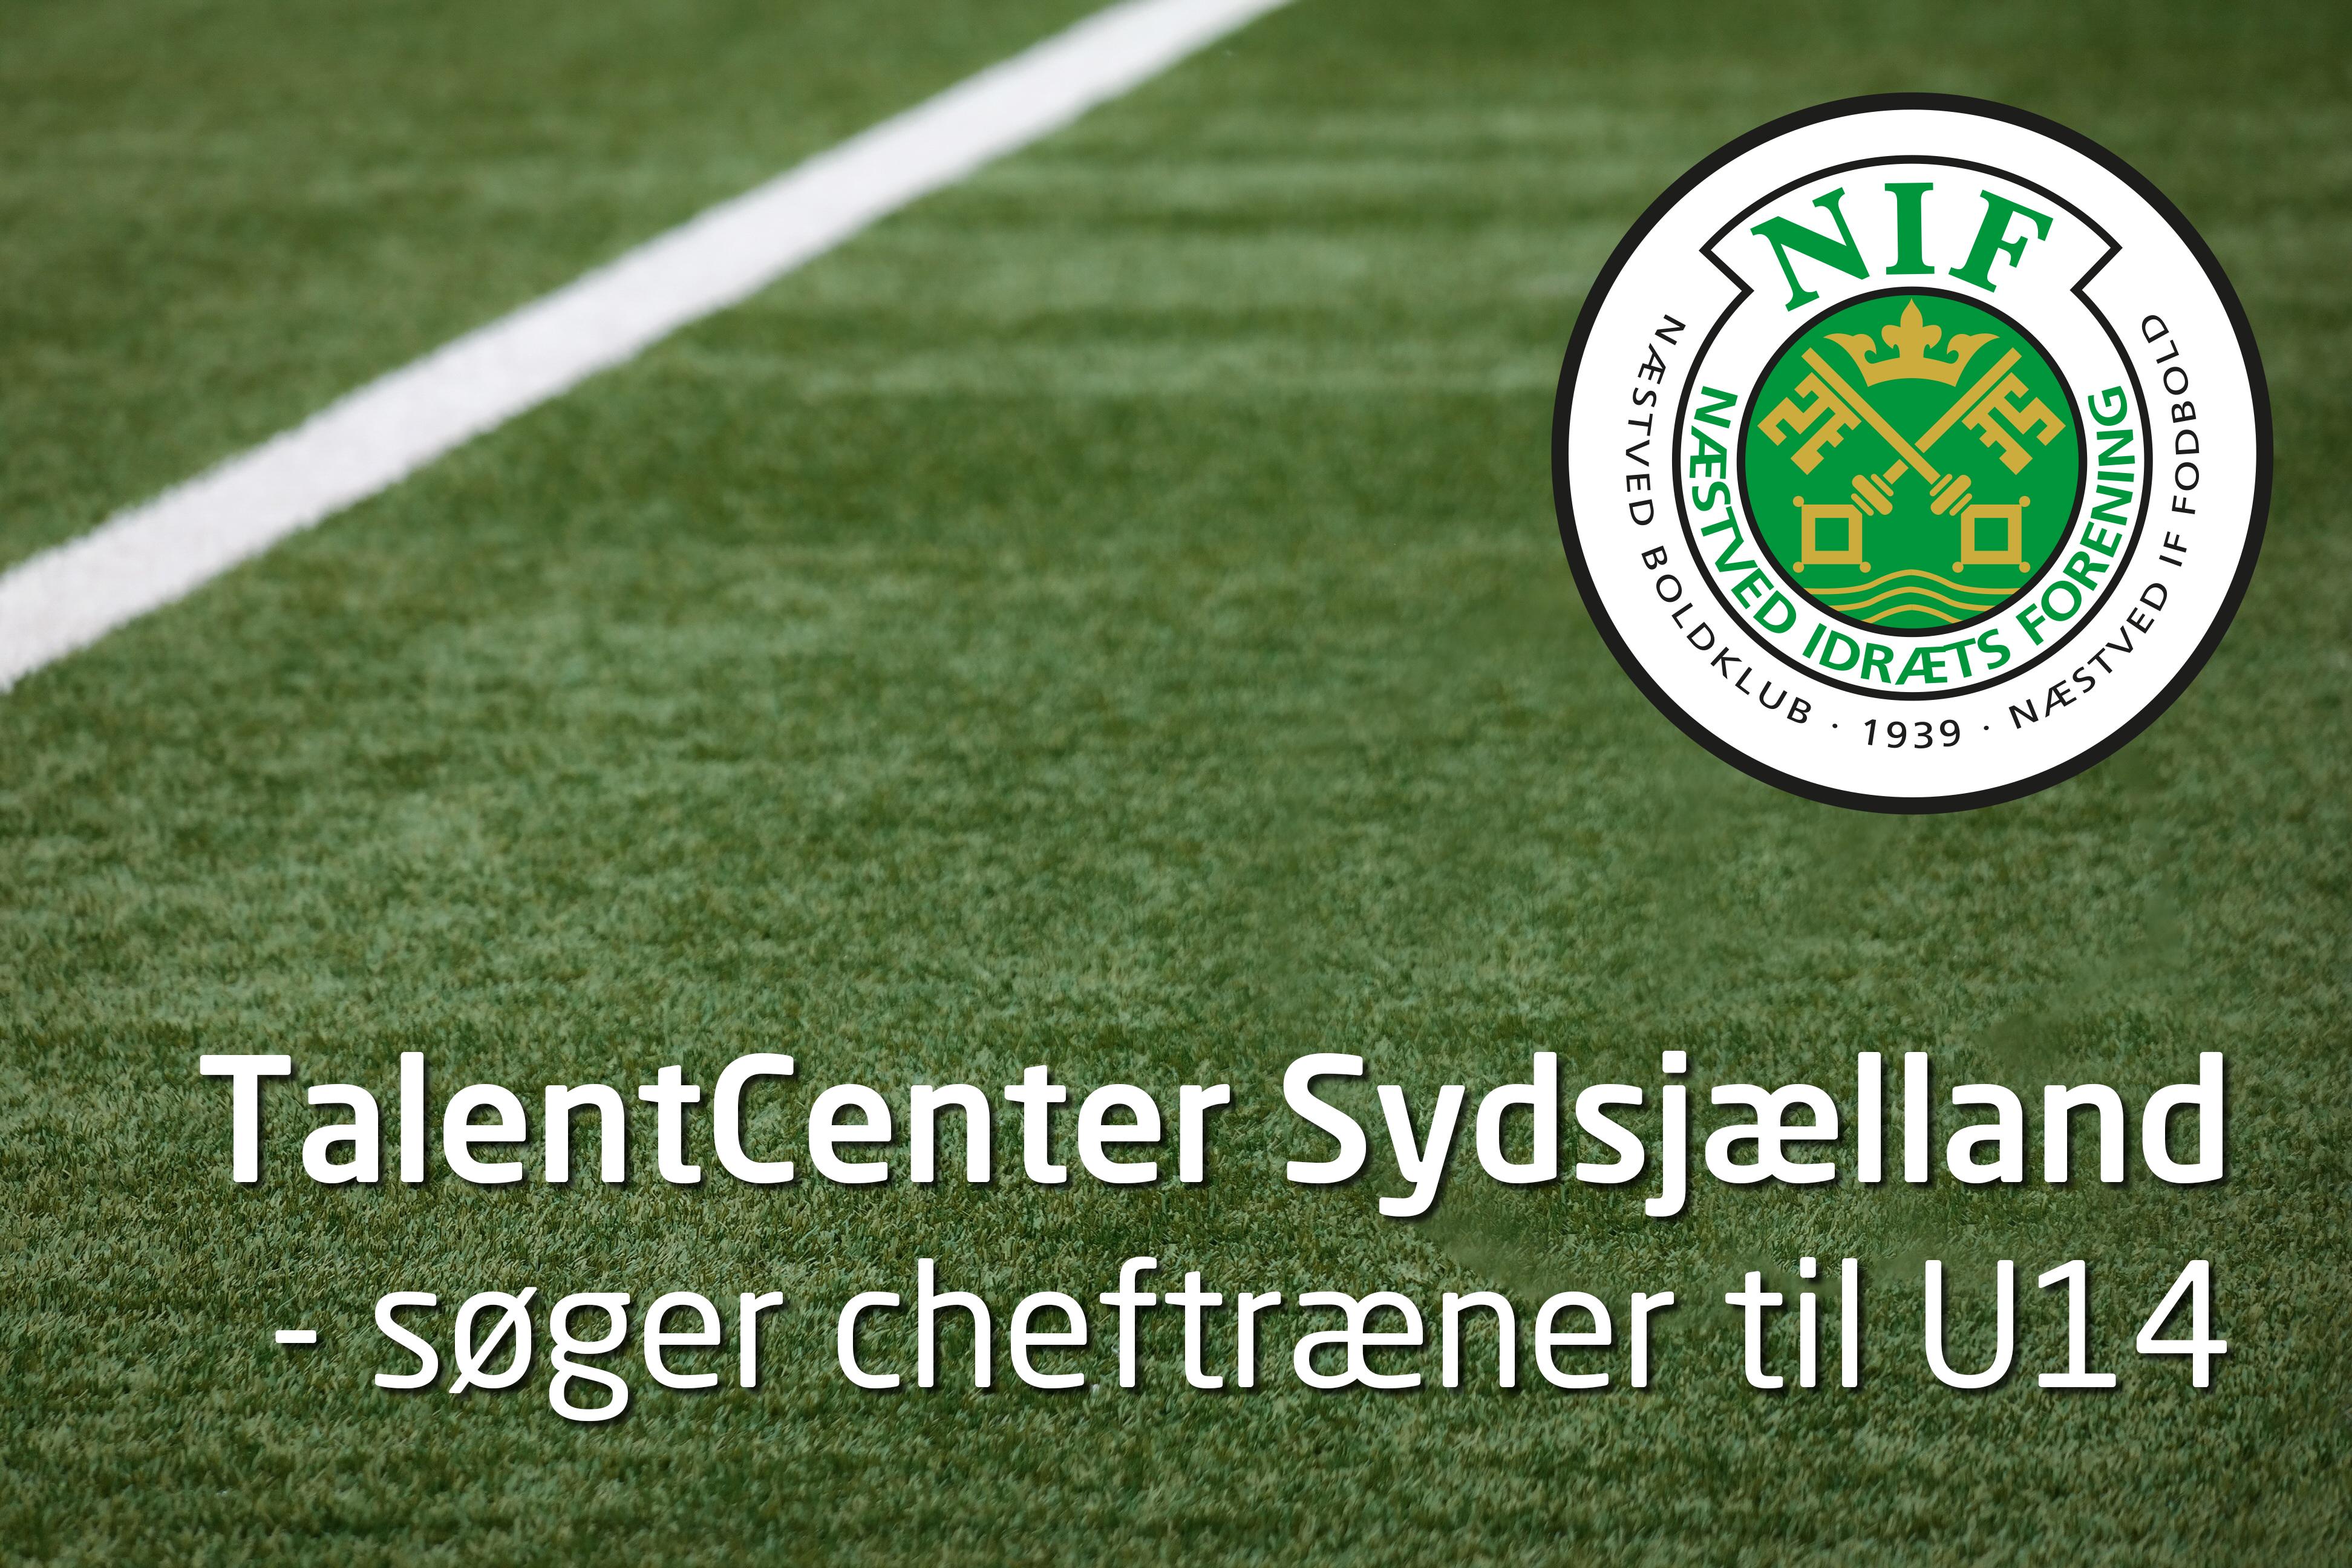 e8181653c9b TalentCenter Sydsjælland søger cheftræner til U14